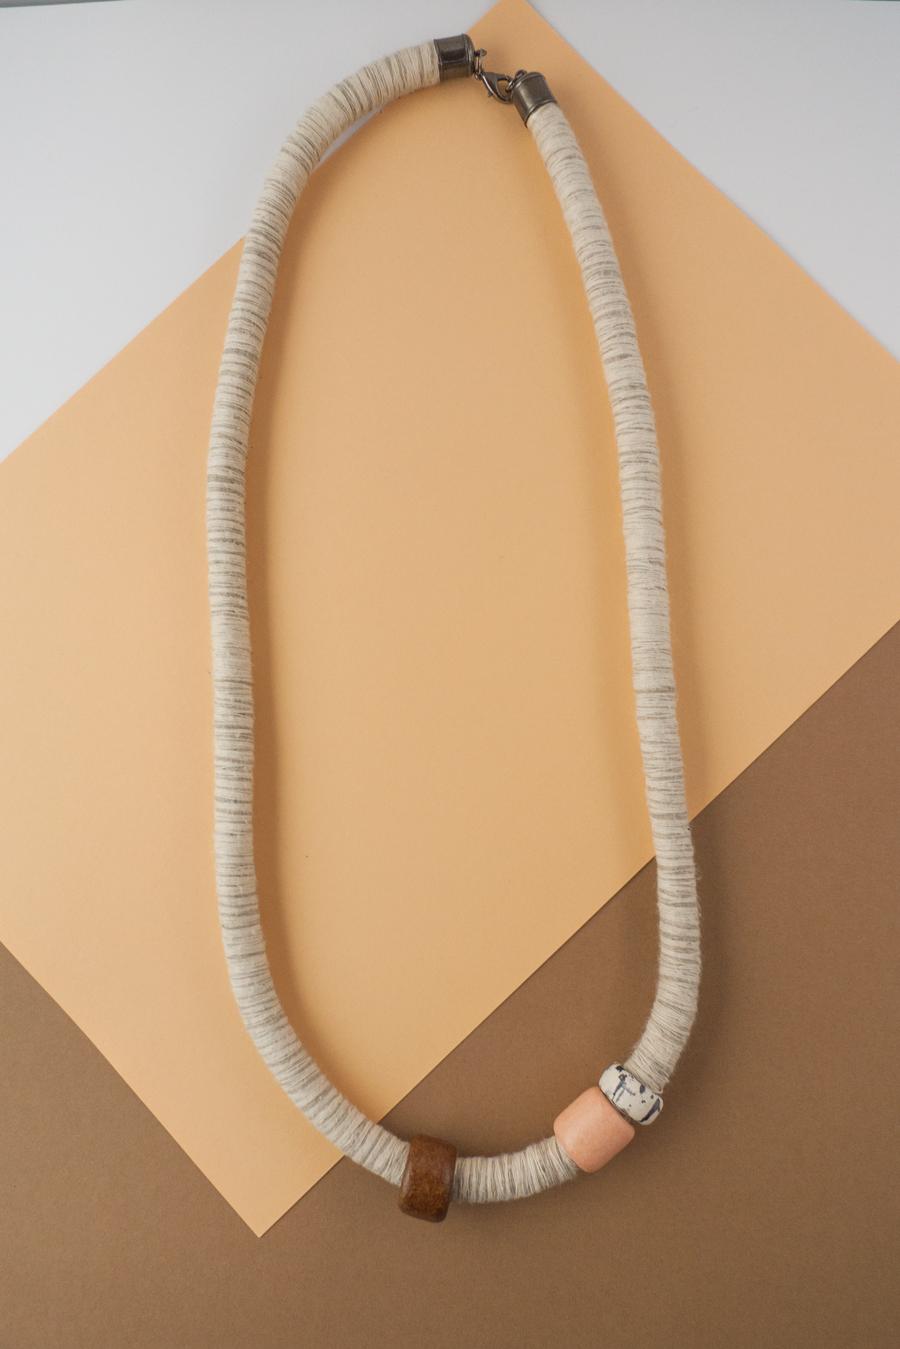 Image of Africalia #1 / Necklace